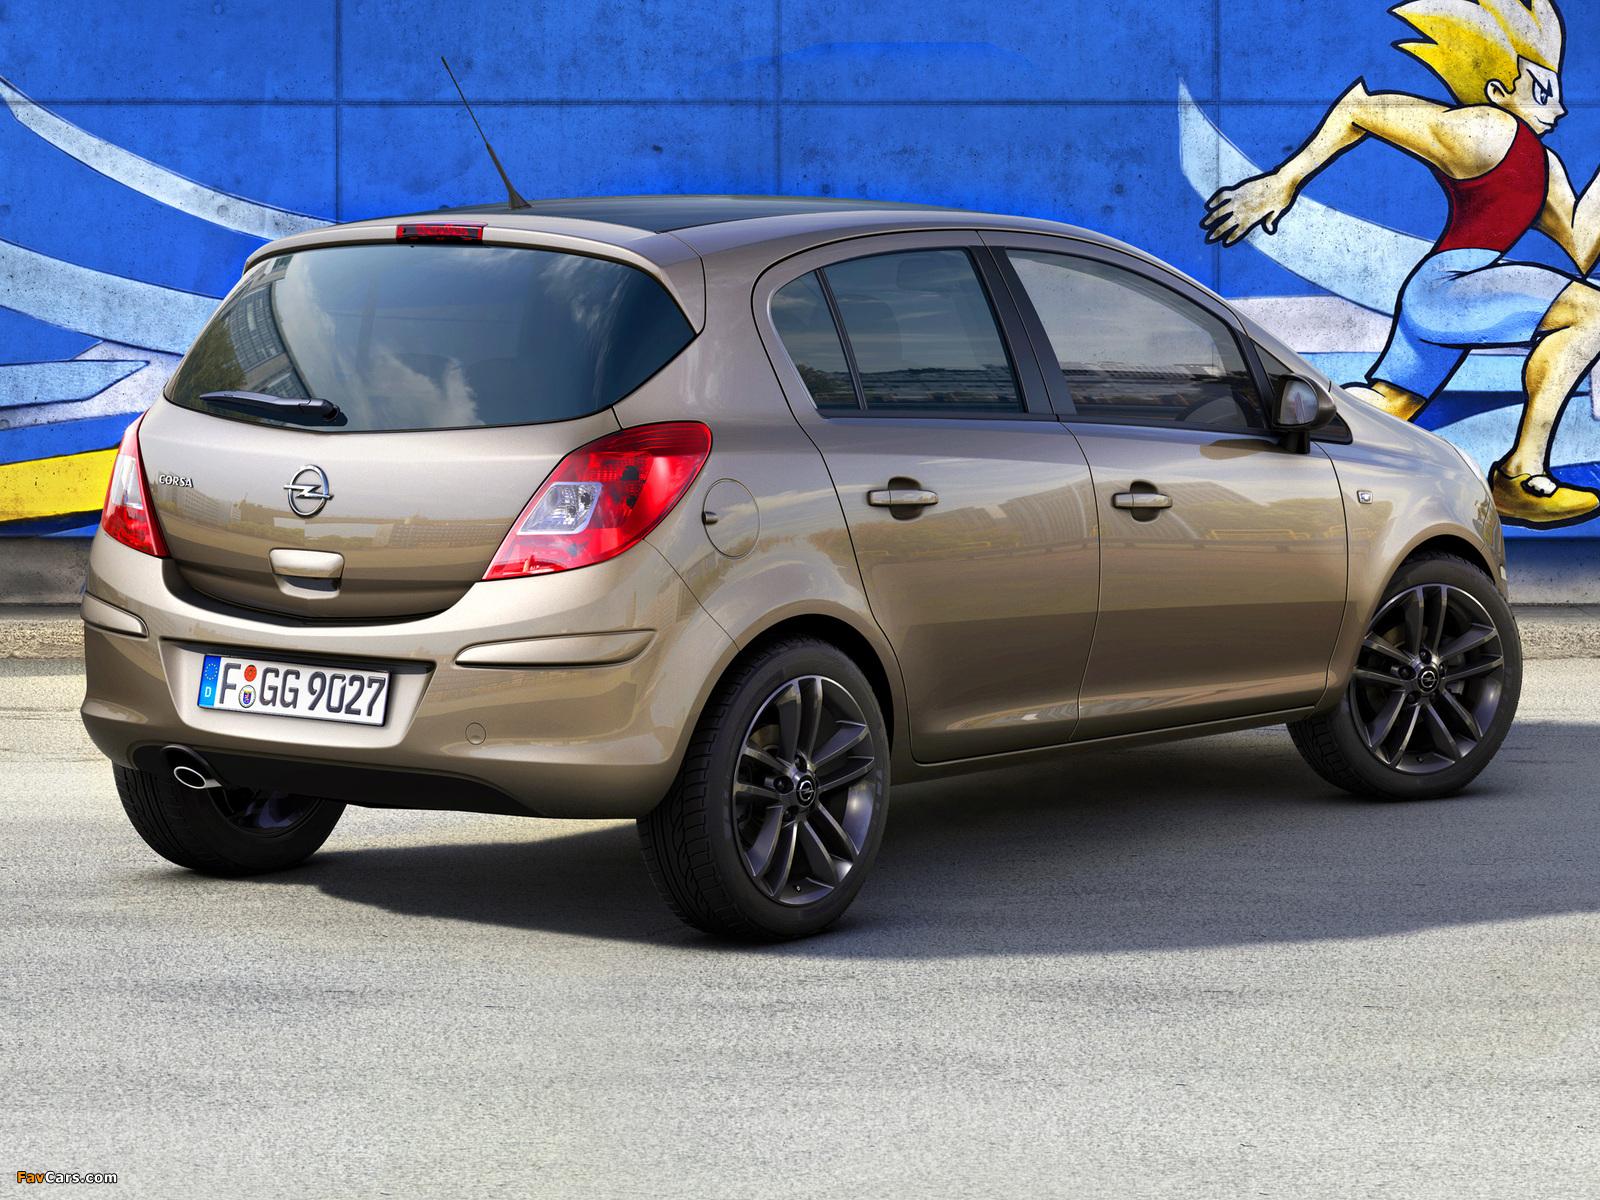 Opel Corsa Kaleidoscope Edition 5-door (D) 2012 wallpapers (1600 x 1200)